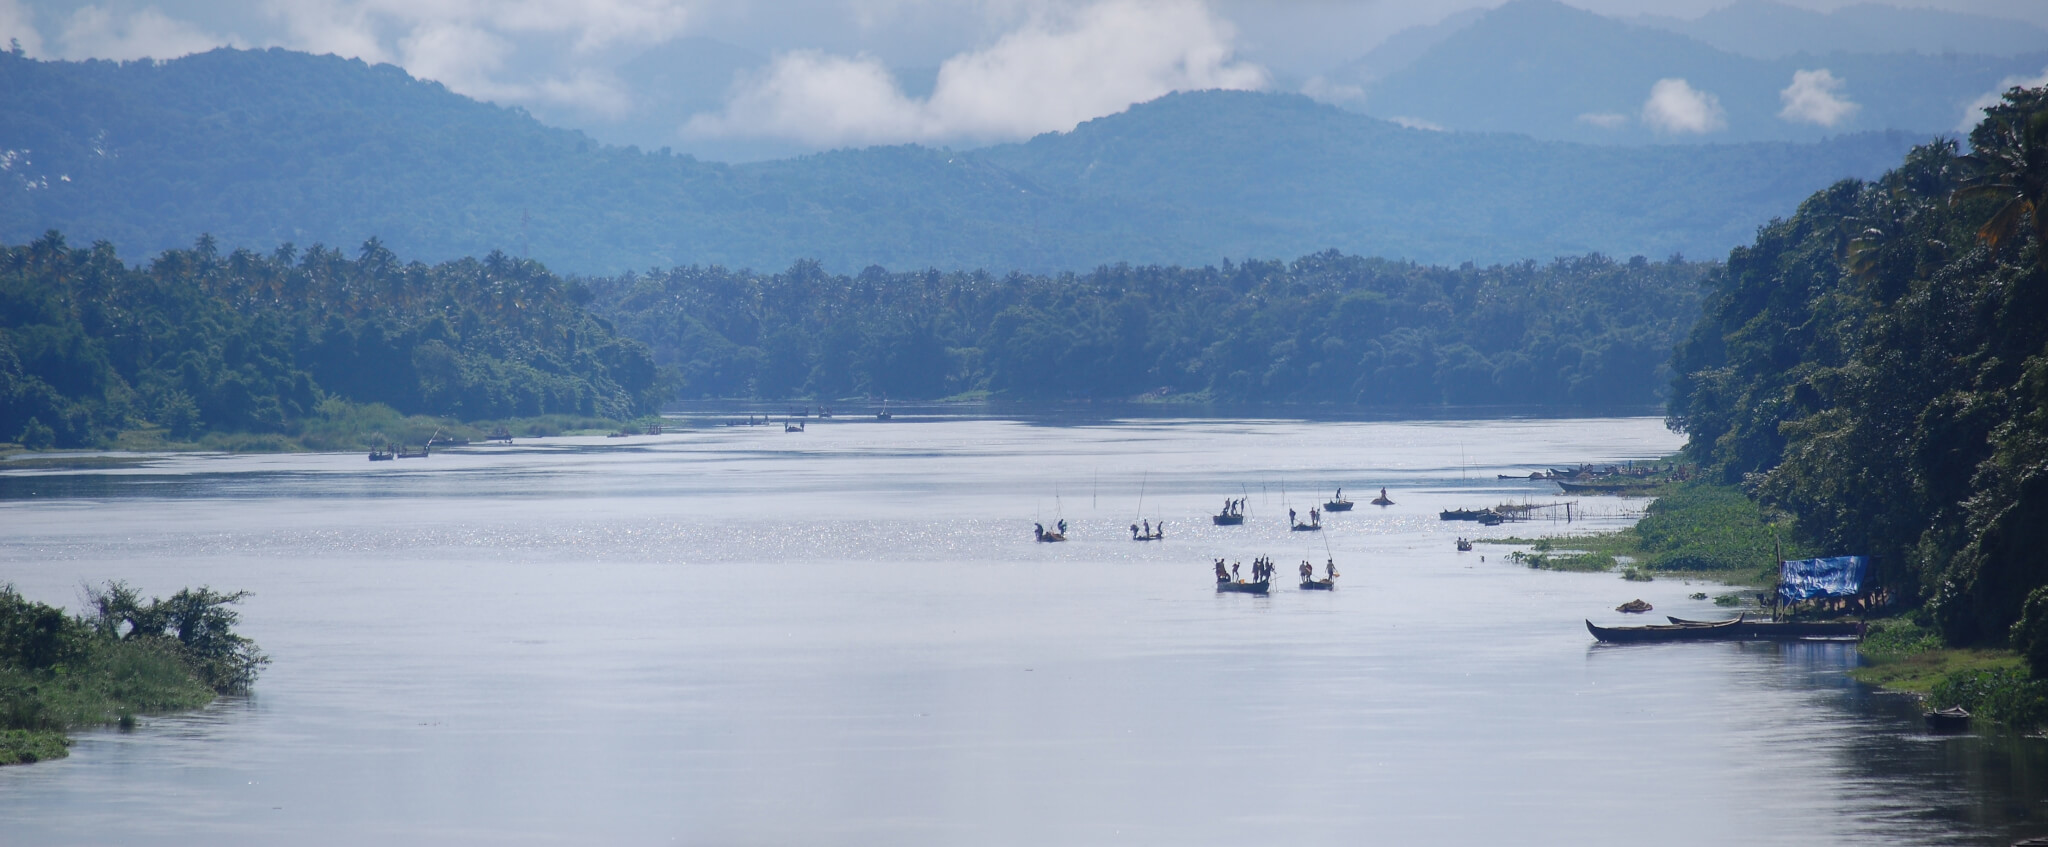 Periyar River Kerala